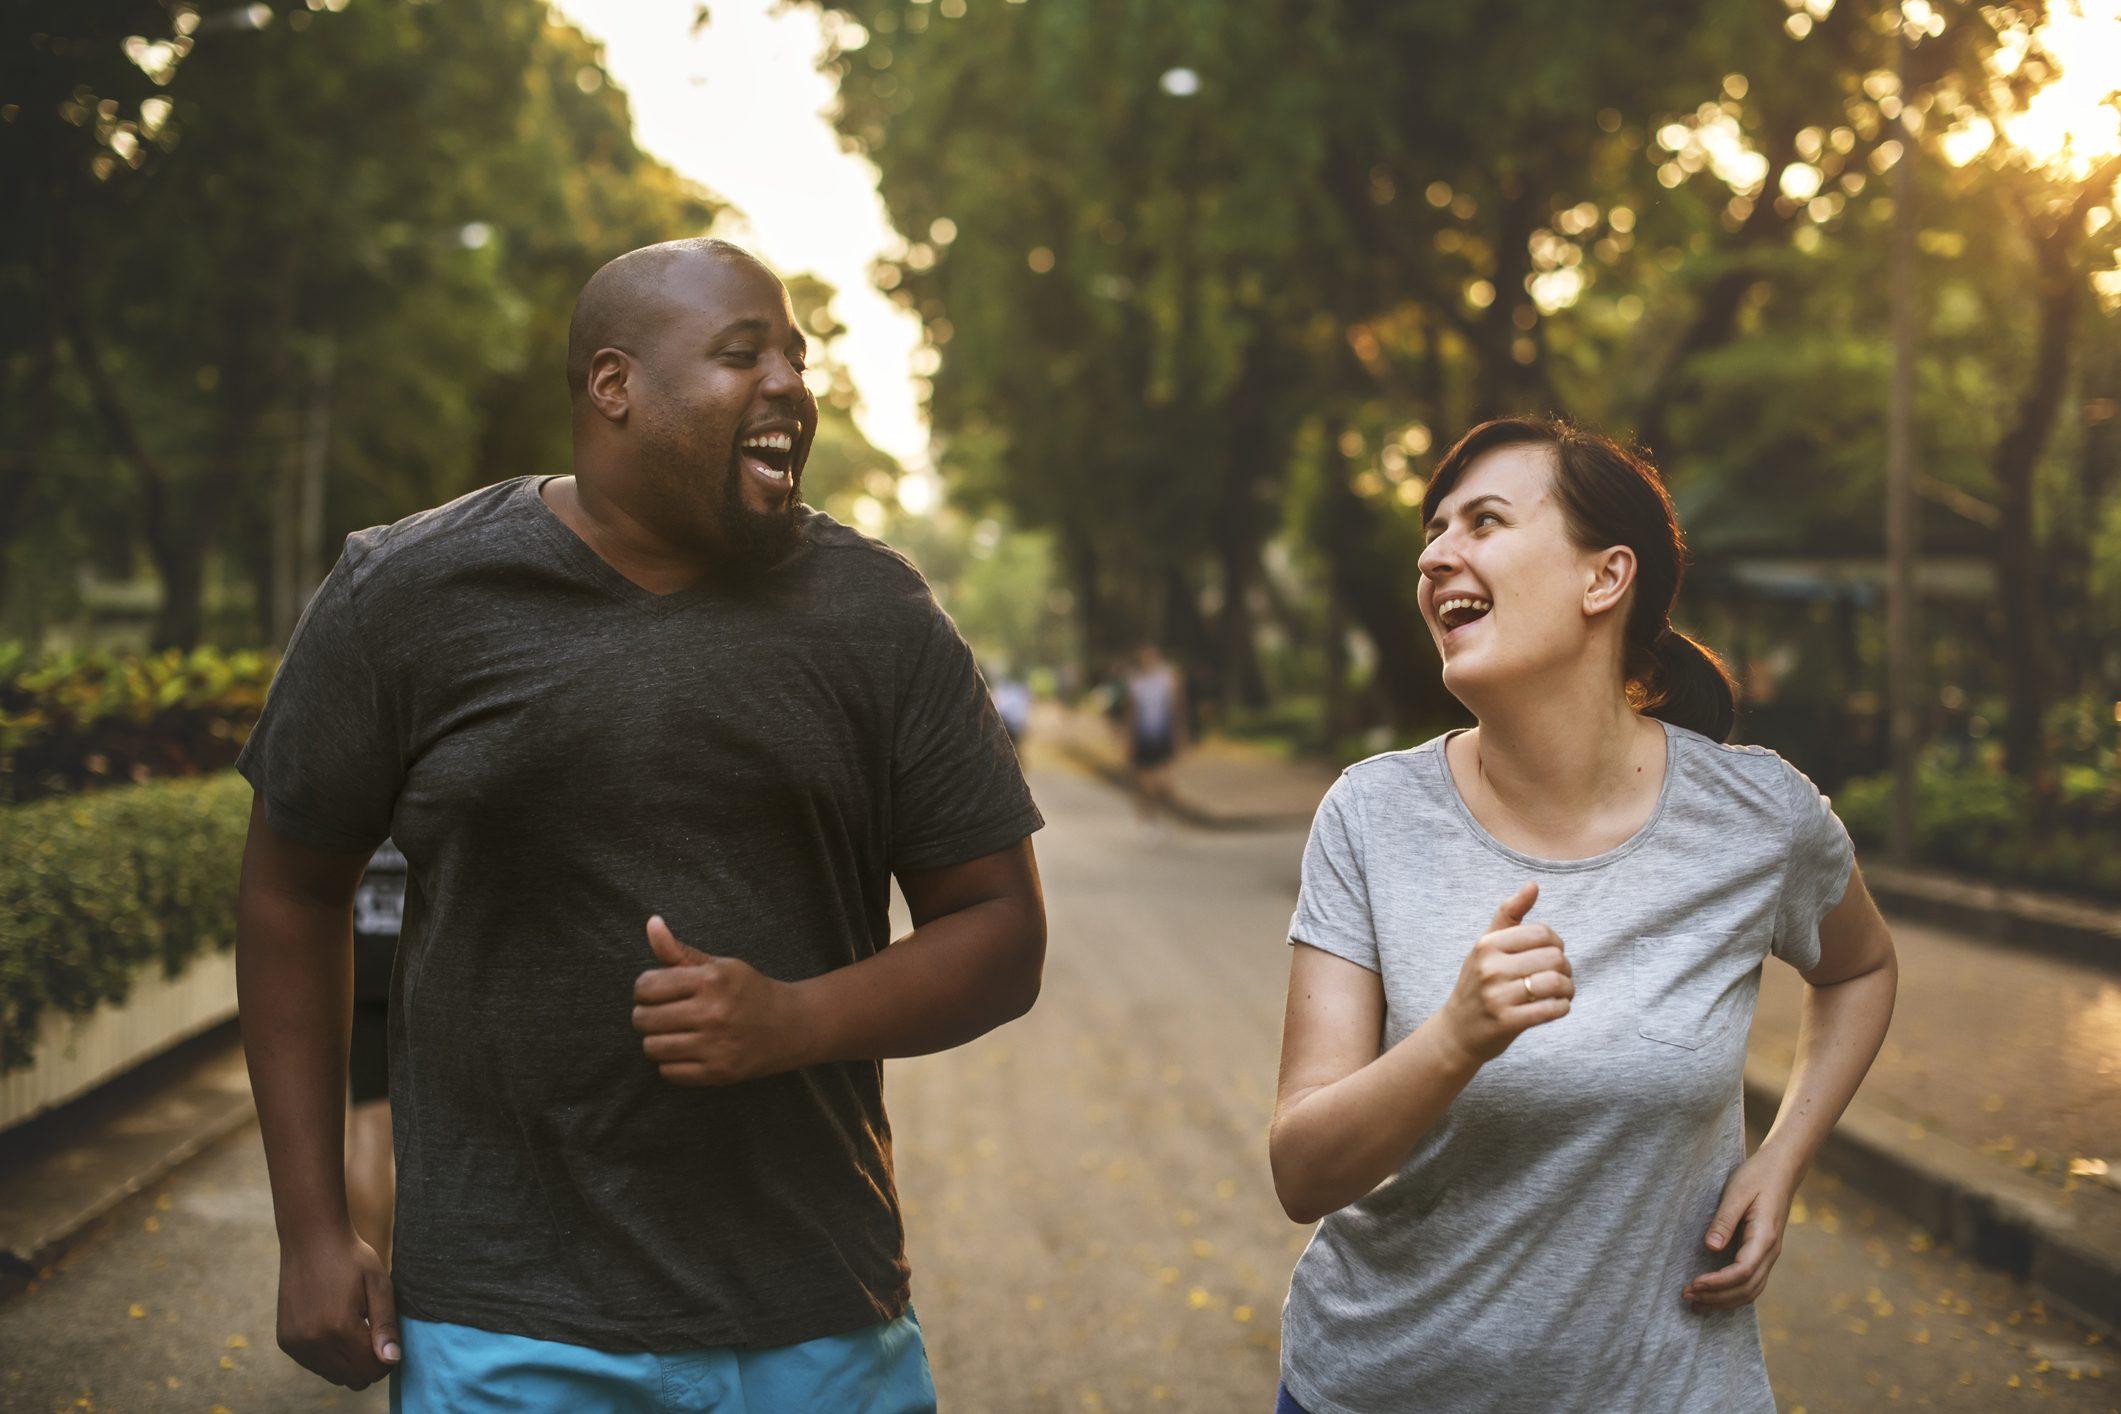 riesci a perdere 5 grasso corporeo in 3 settimane